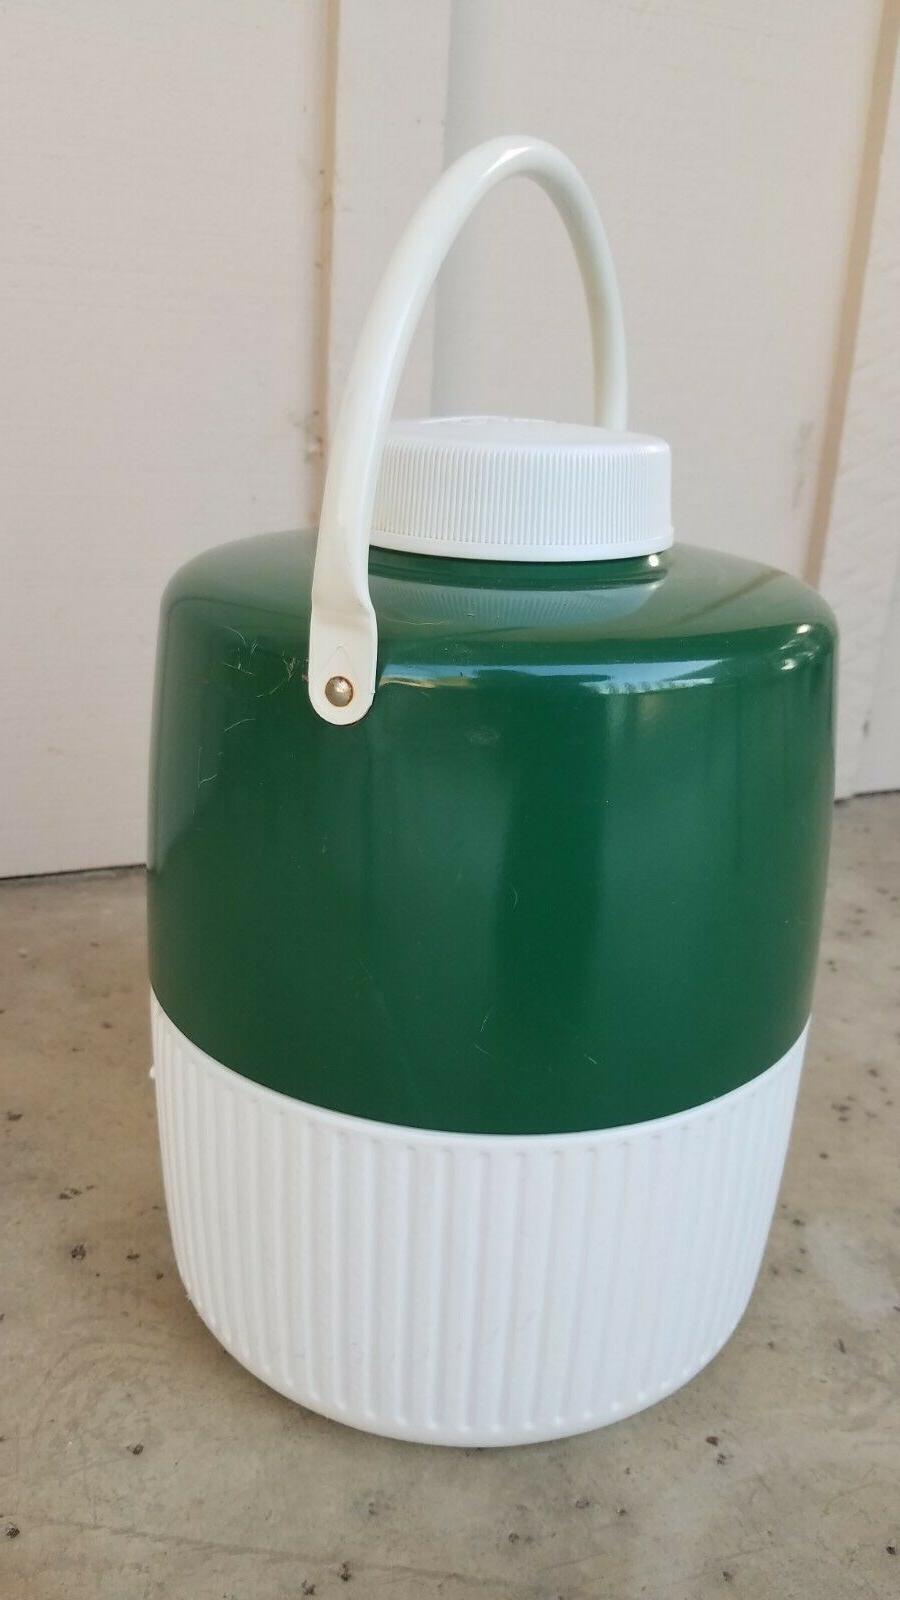 Vintage Cooler 2 Gal. Wichita, Kansas